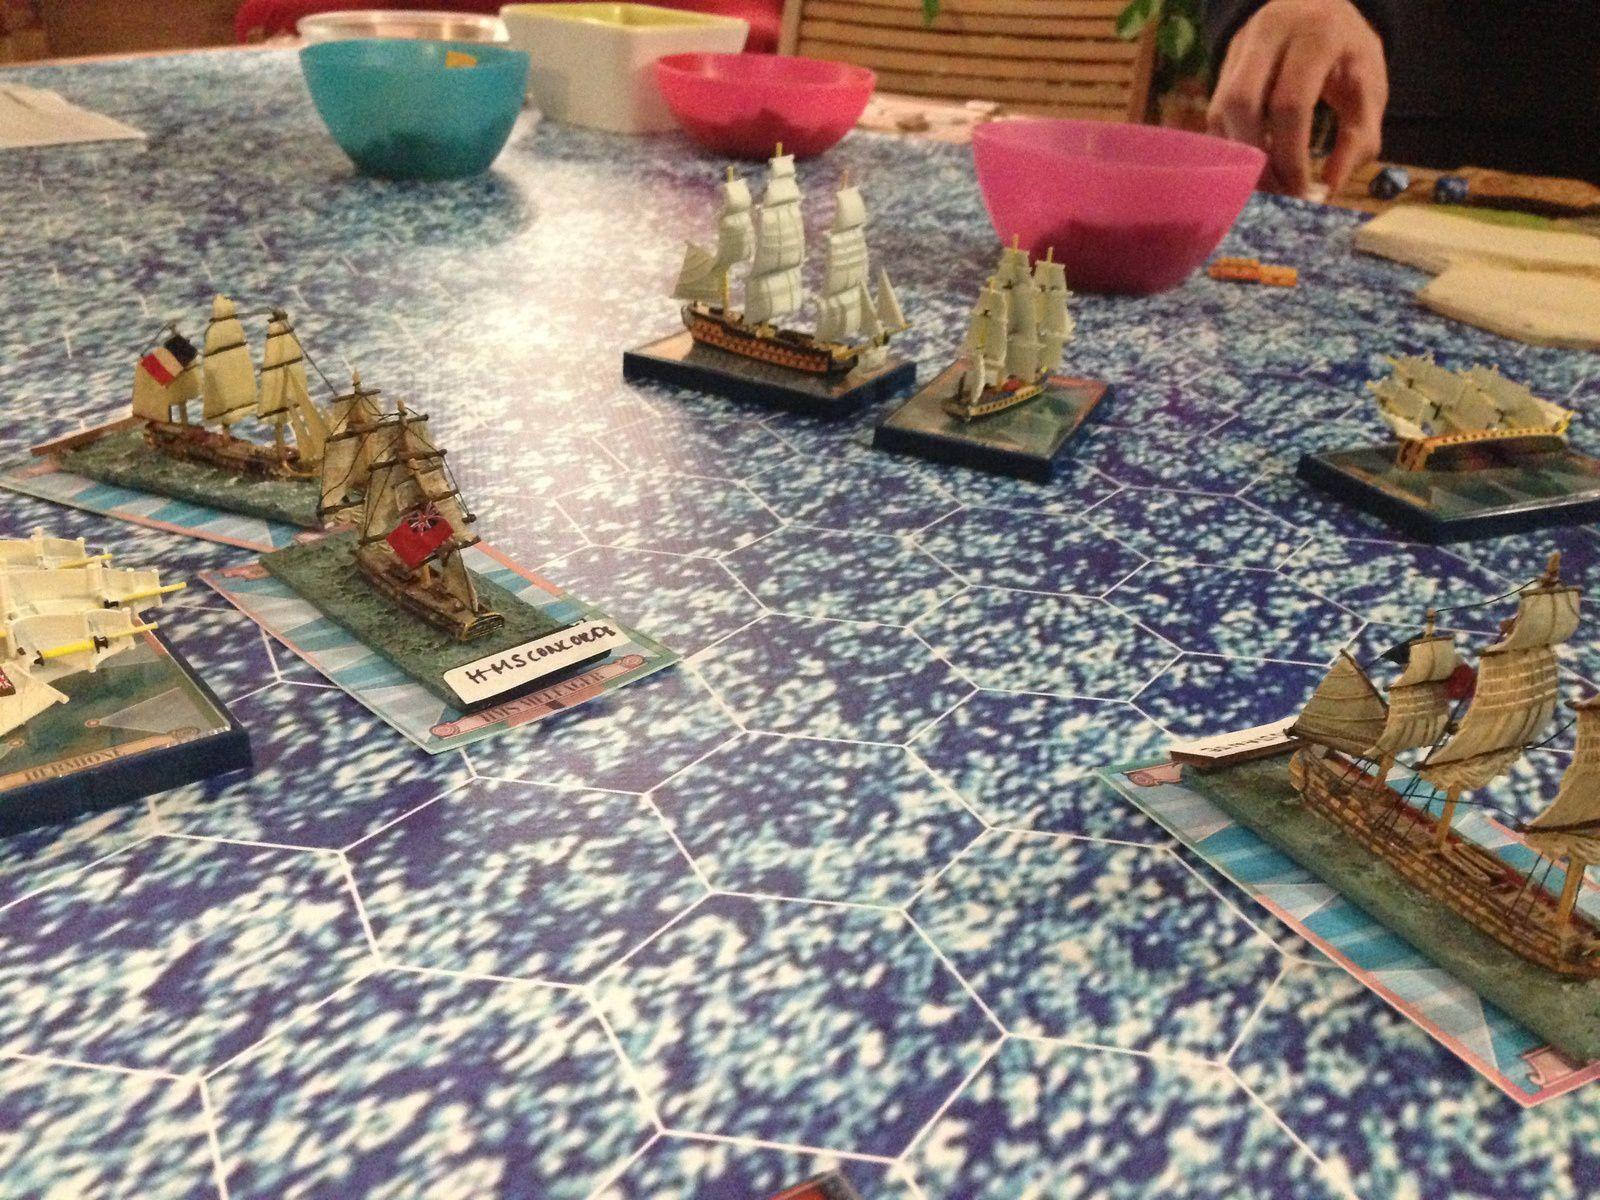 Les anglais voient une de leur frégate échouer sur le récif mais les autres réussissent à passer faisant des dégâts importants aux navires français pour aller se mettre devant le Grand Port ! Mat !